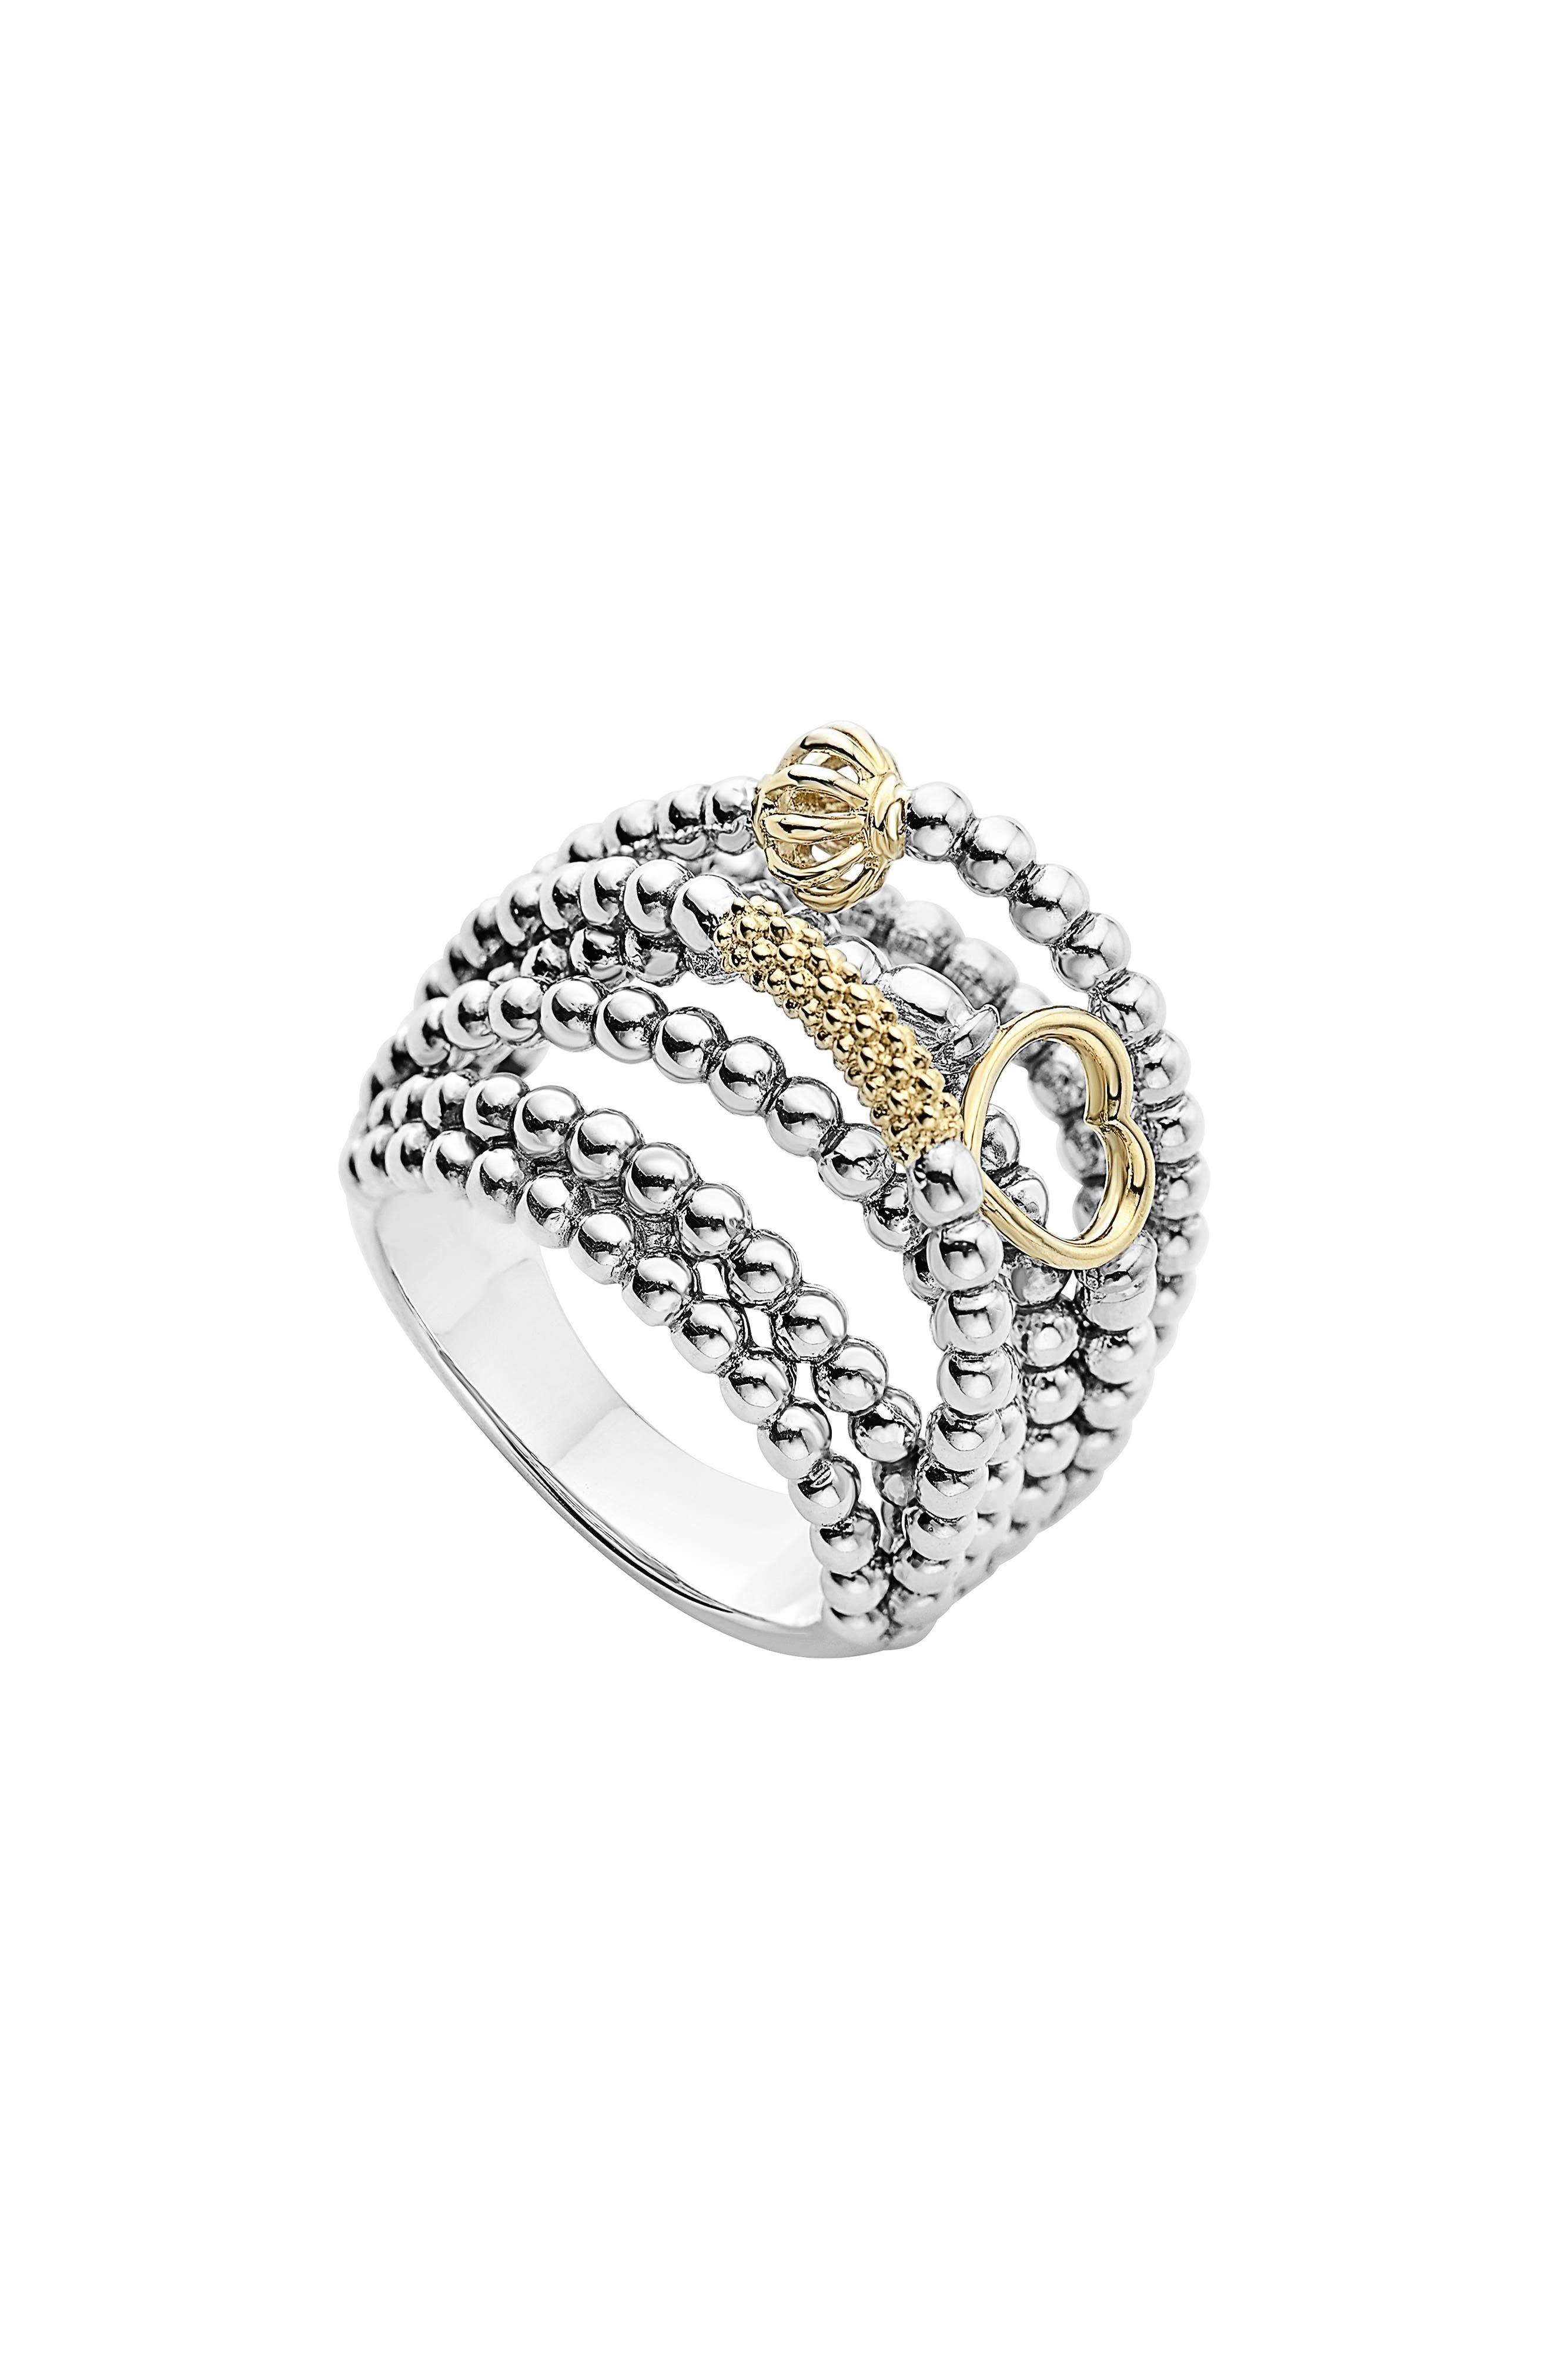 LAGOS 'Caviar Icon' Multi-Row Dome Ring, Main, color, SILVER/ GOLD